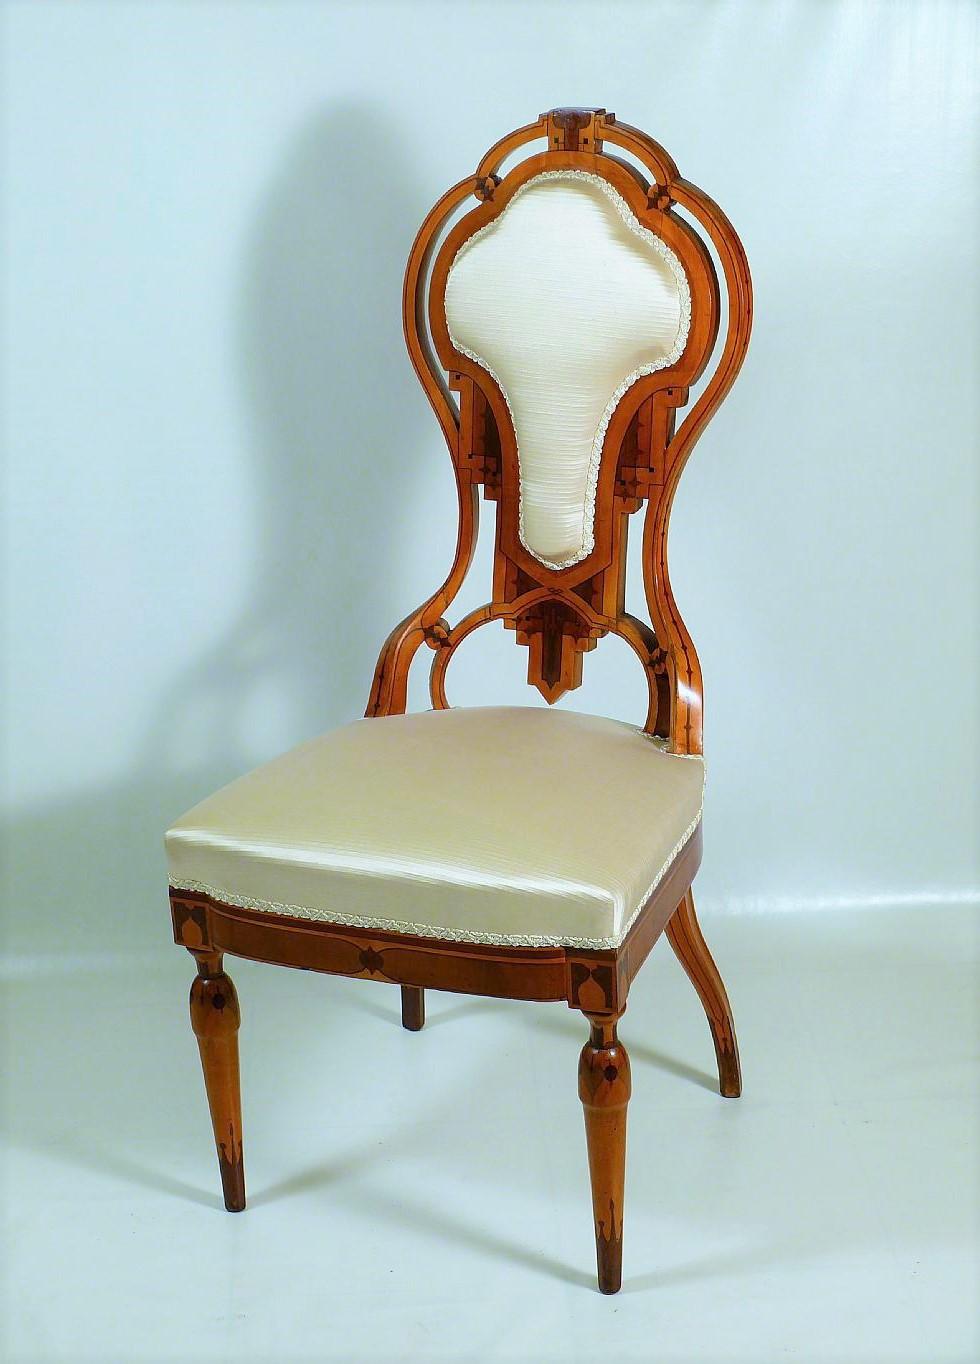 Artigiano Della Sedia Bologna insieme da boudoir - sedia con seduta imbottita